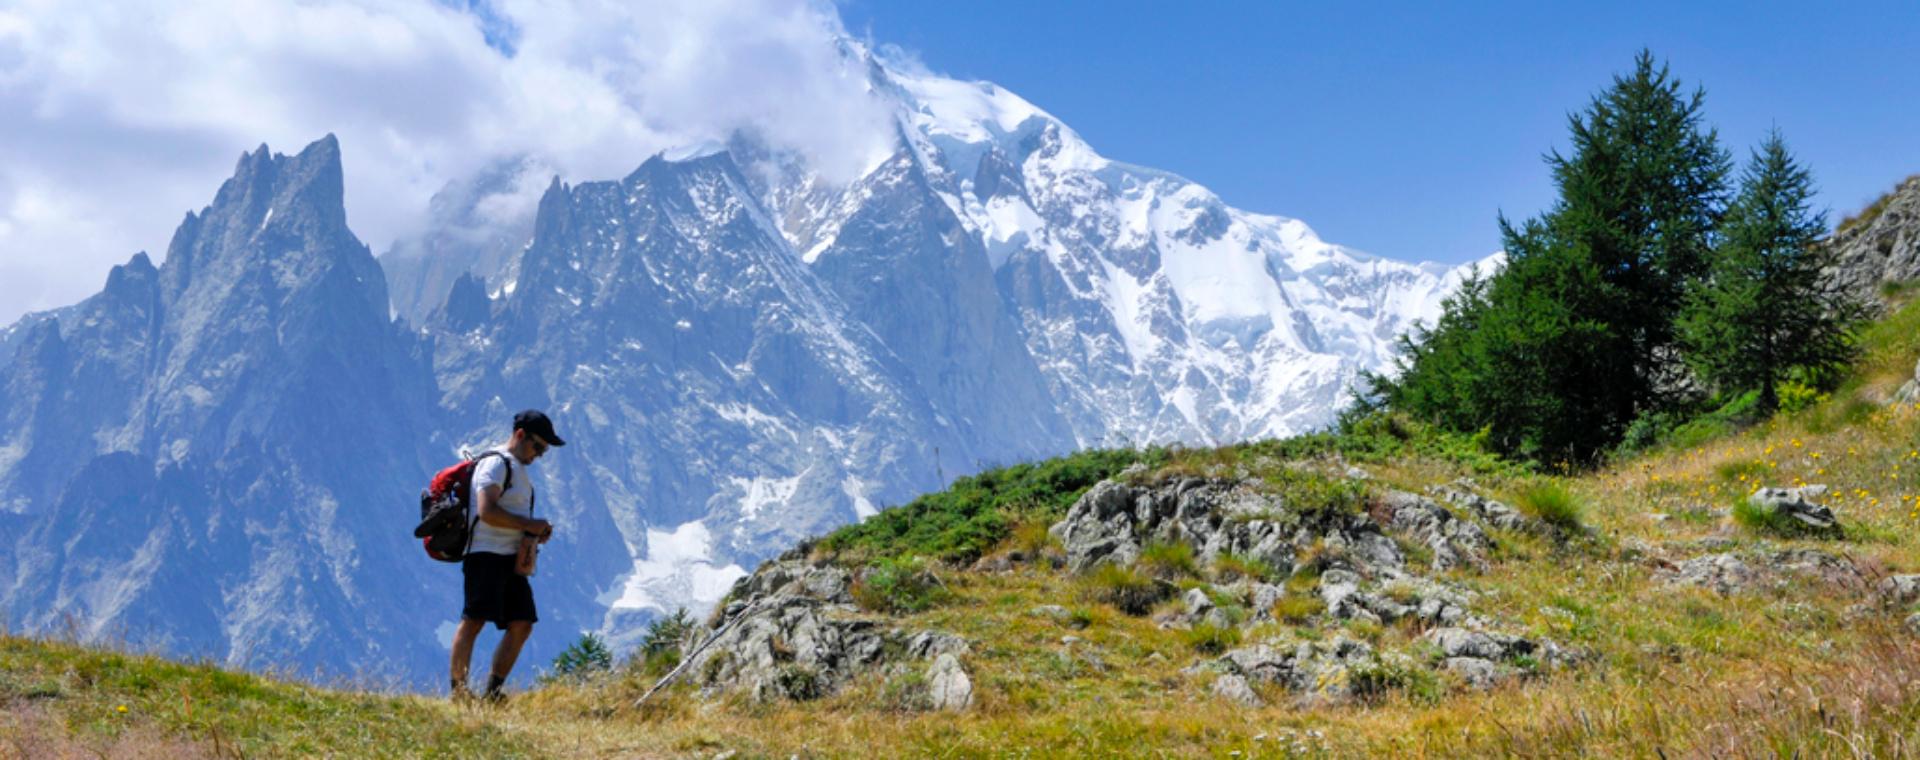 Voyage à pied : Tour du massif du Mont-Blanc